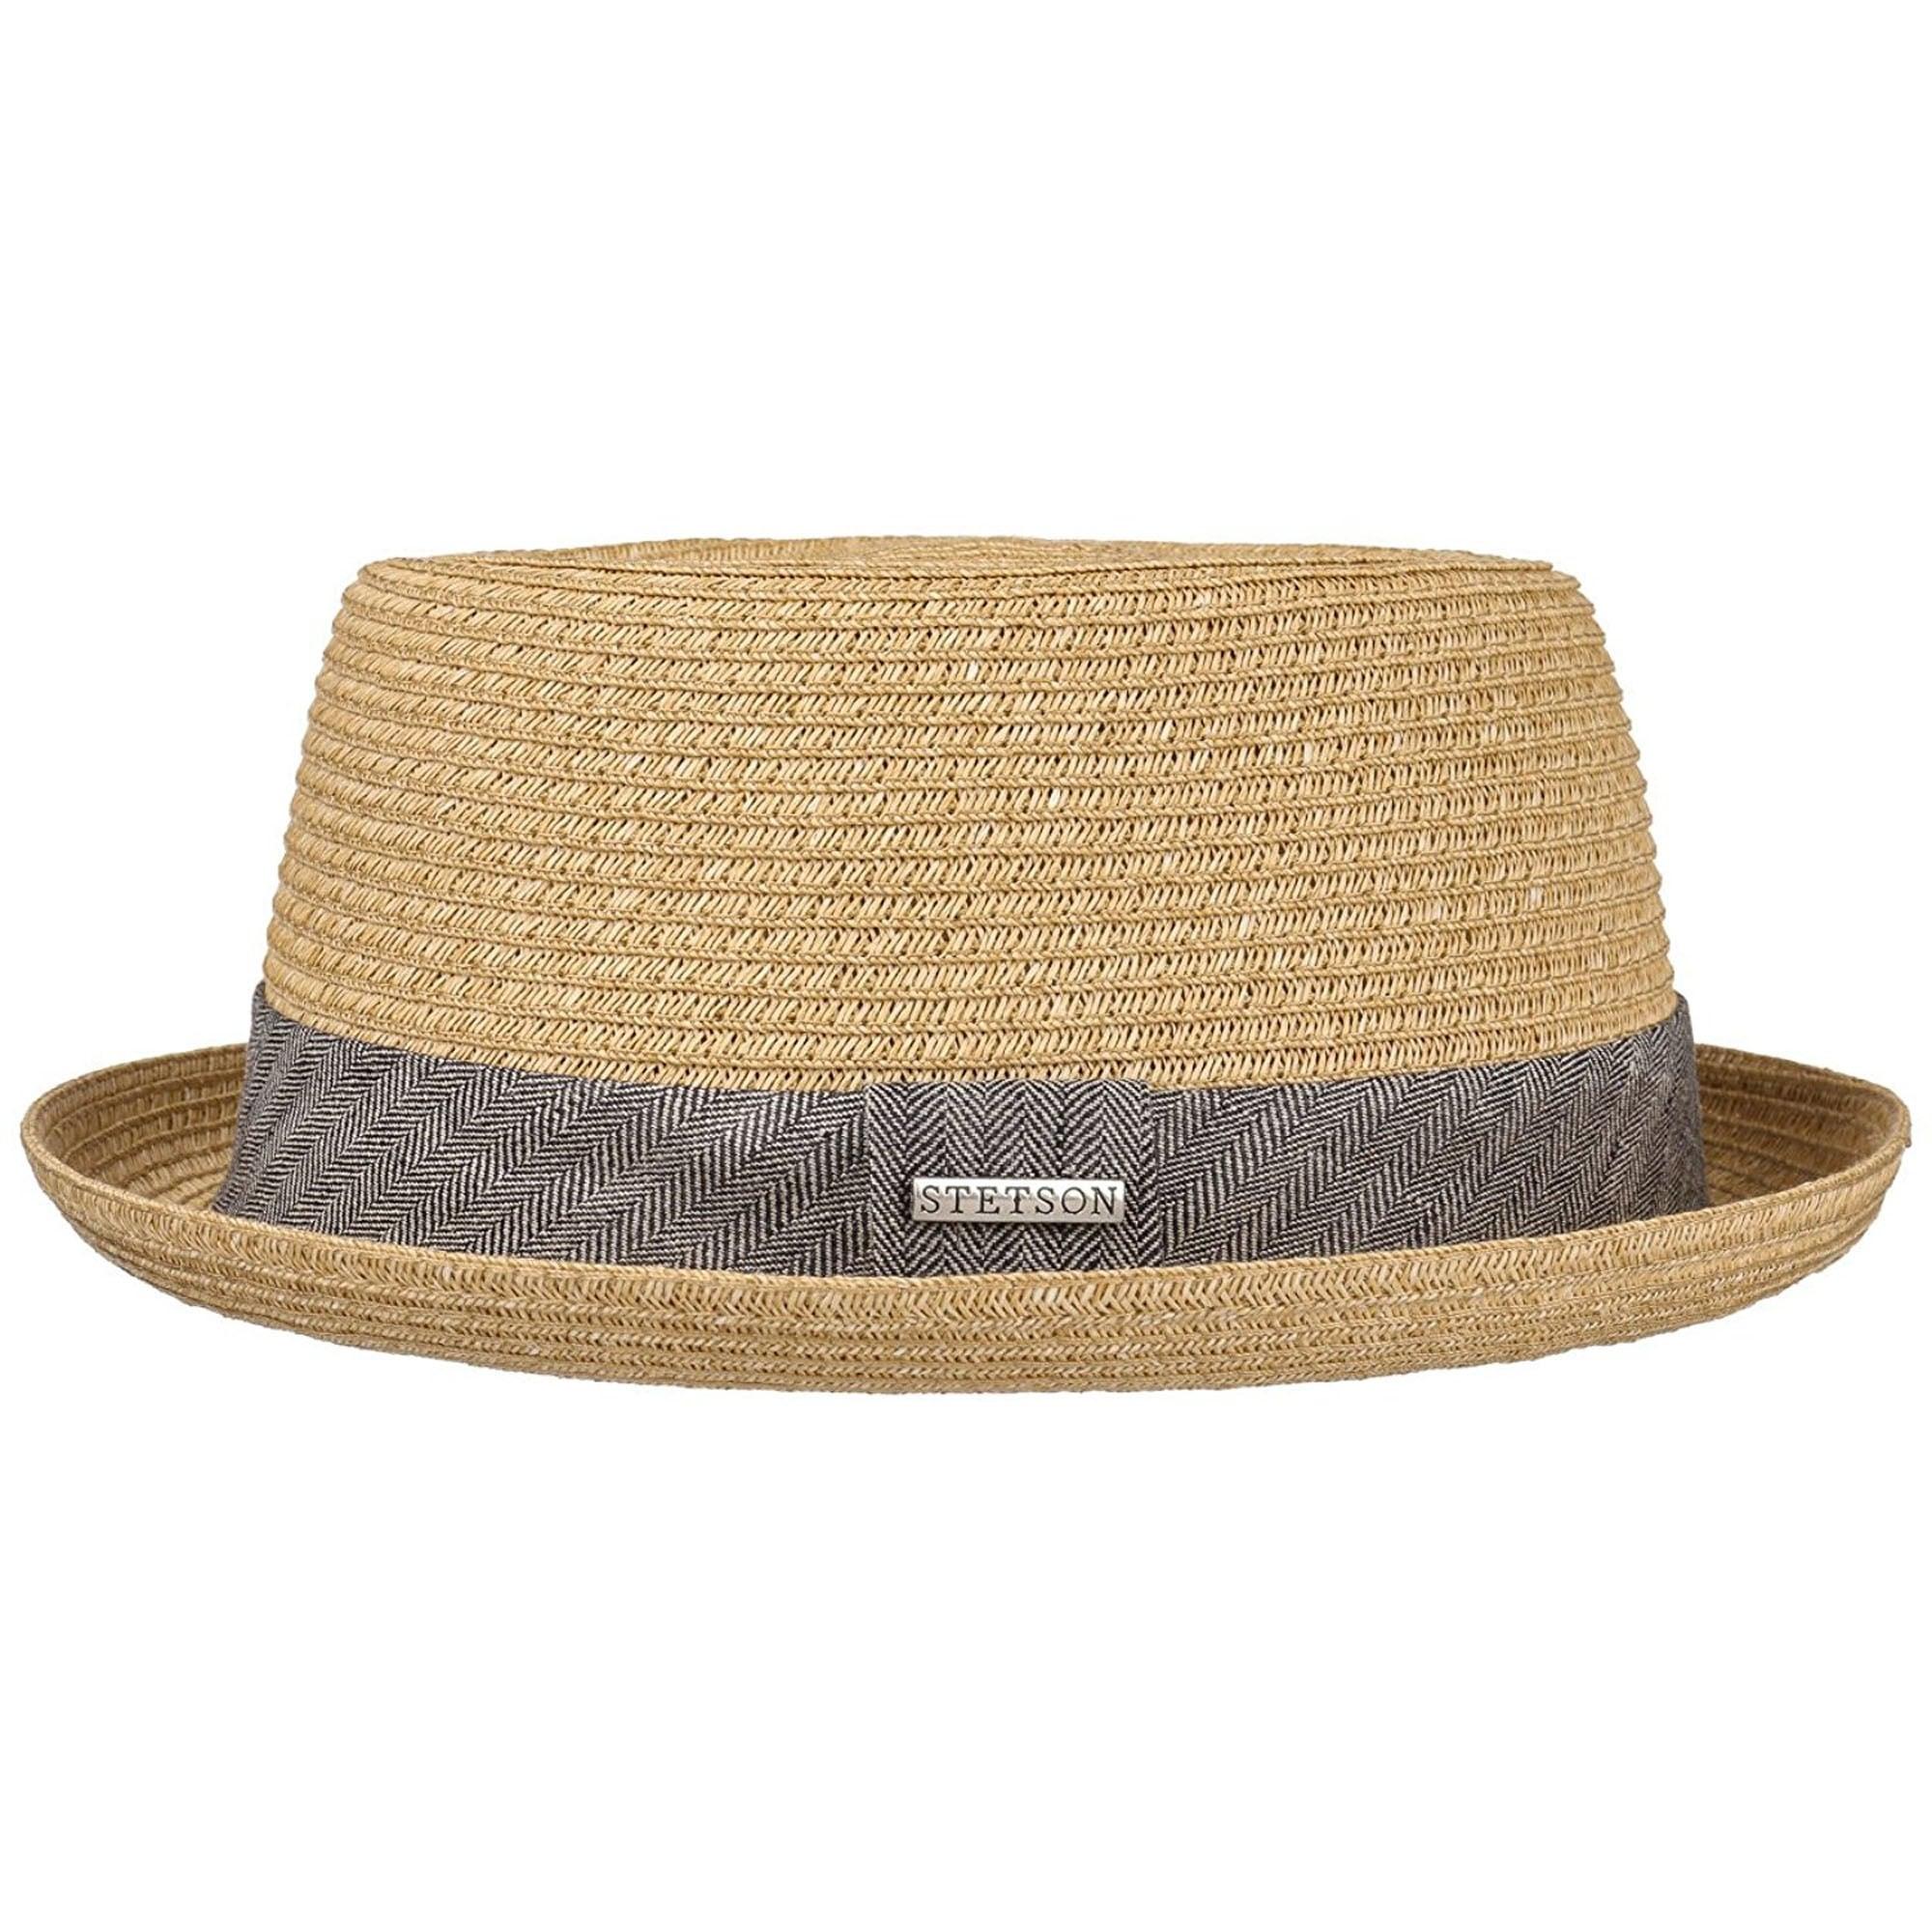 Stetson kalap · Stetson kalap ... ae86ff9364